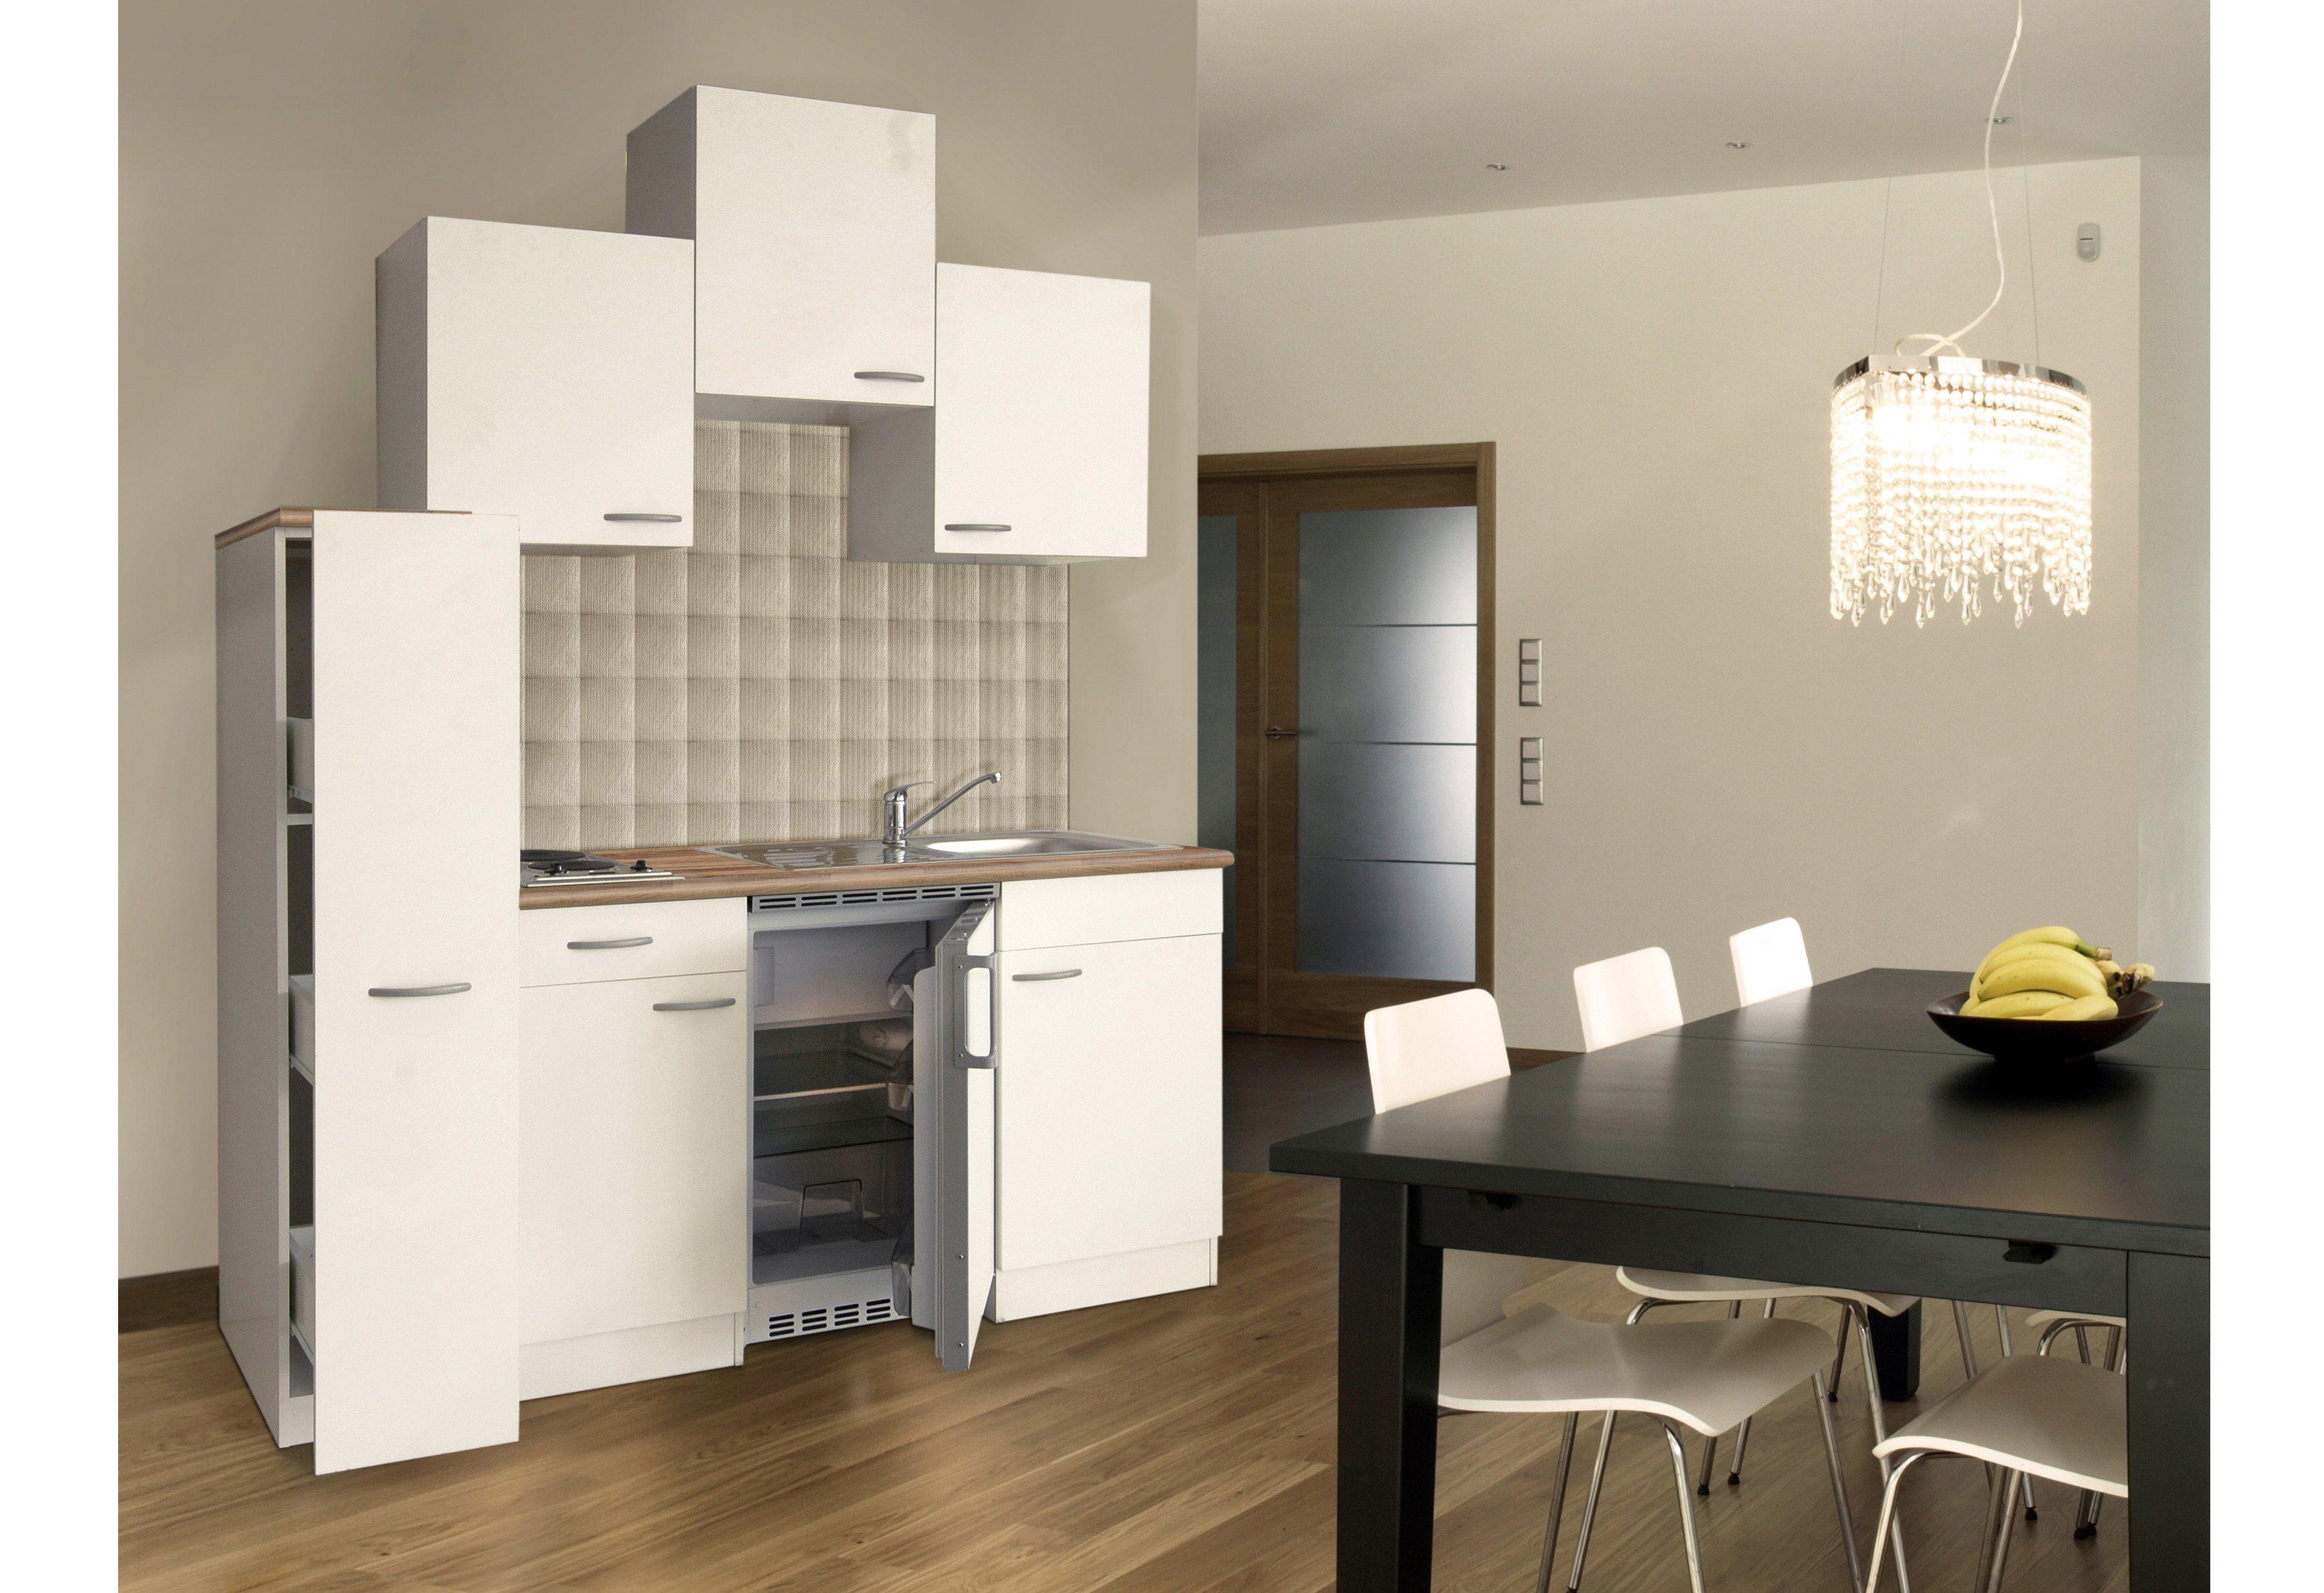 Miniküche Mit Kühlschrank Hagebaumarkt : Miniküche breite cm online kaufen otto